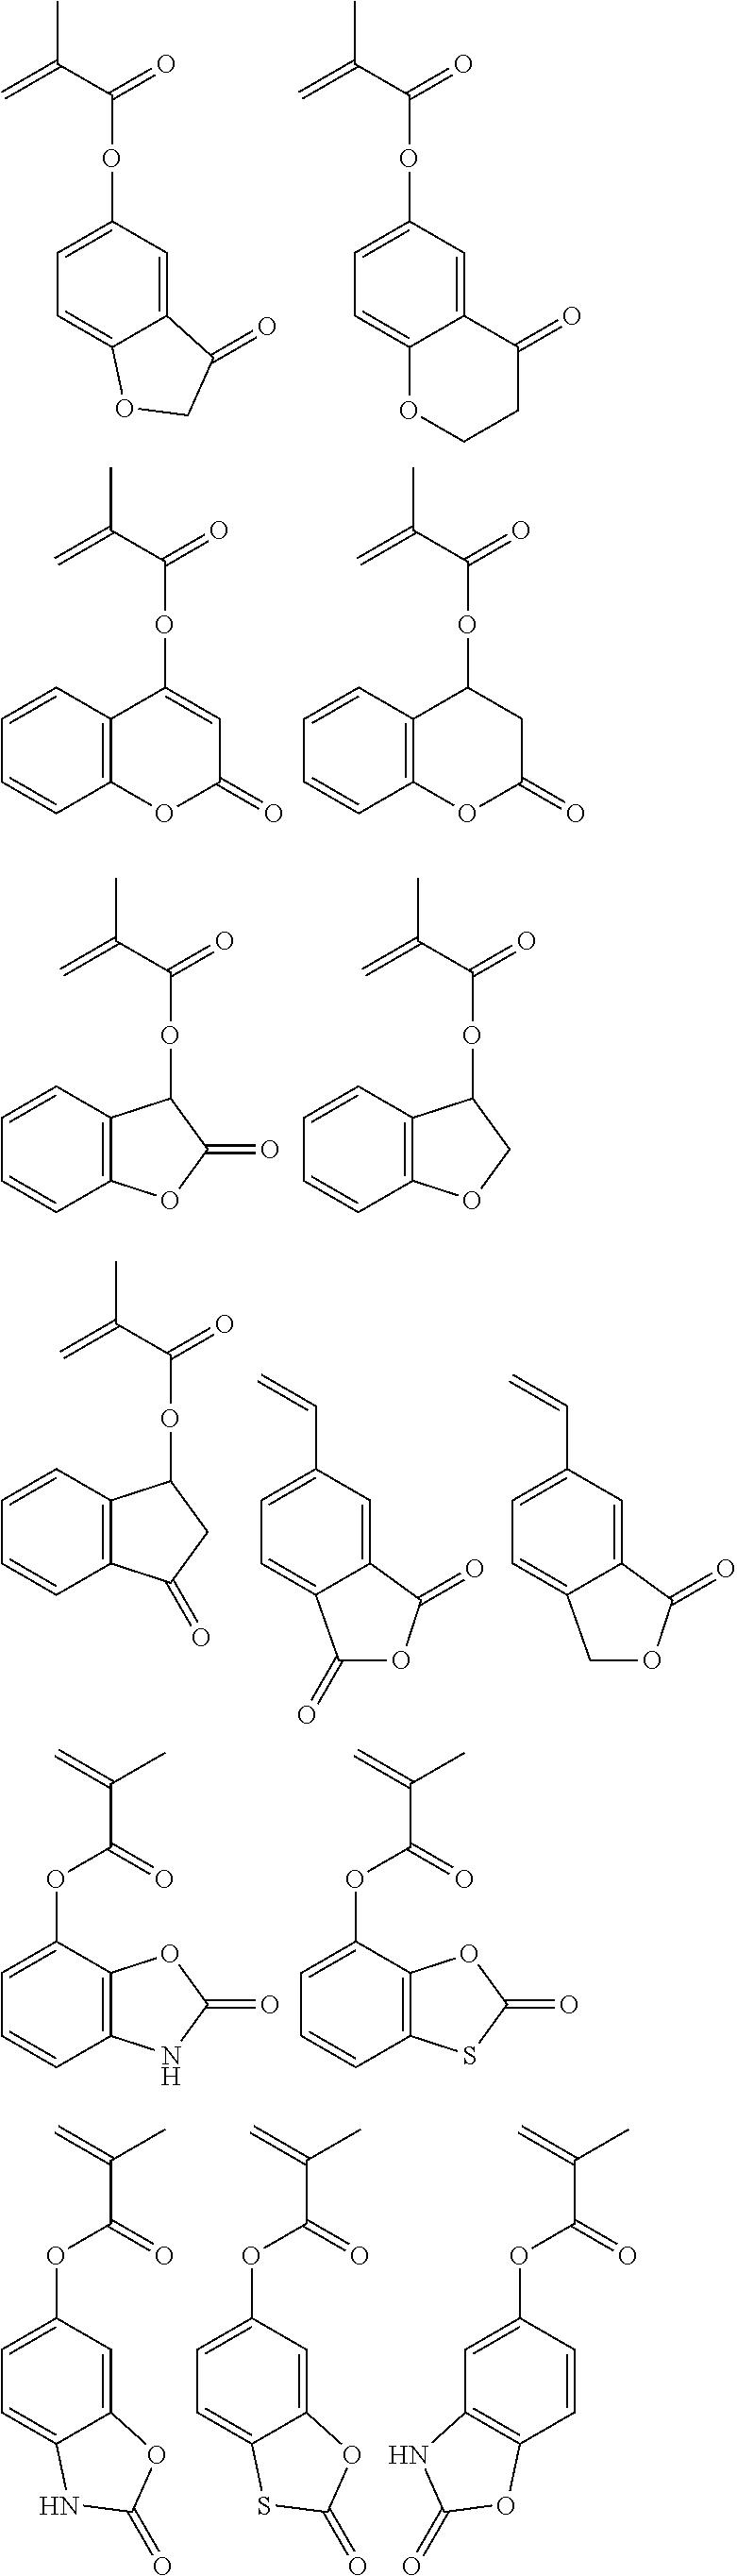 Figure US09017918-20150428-C00048